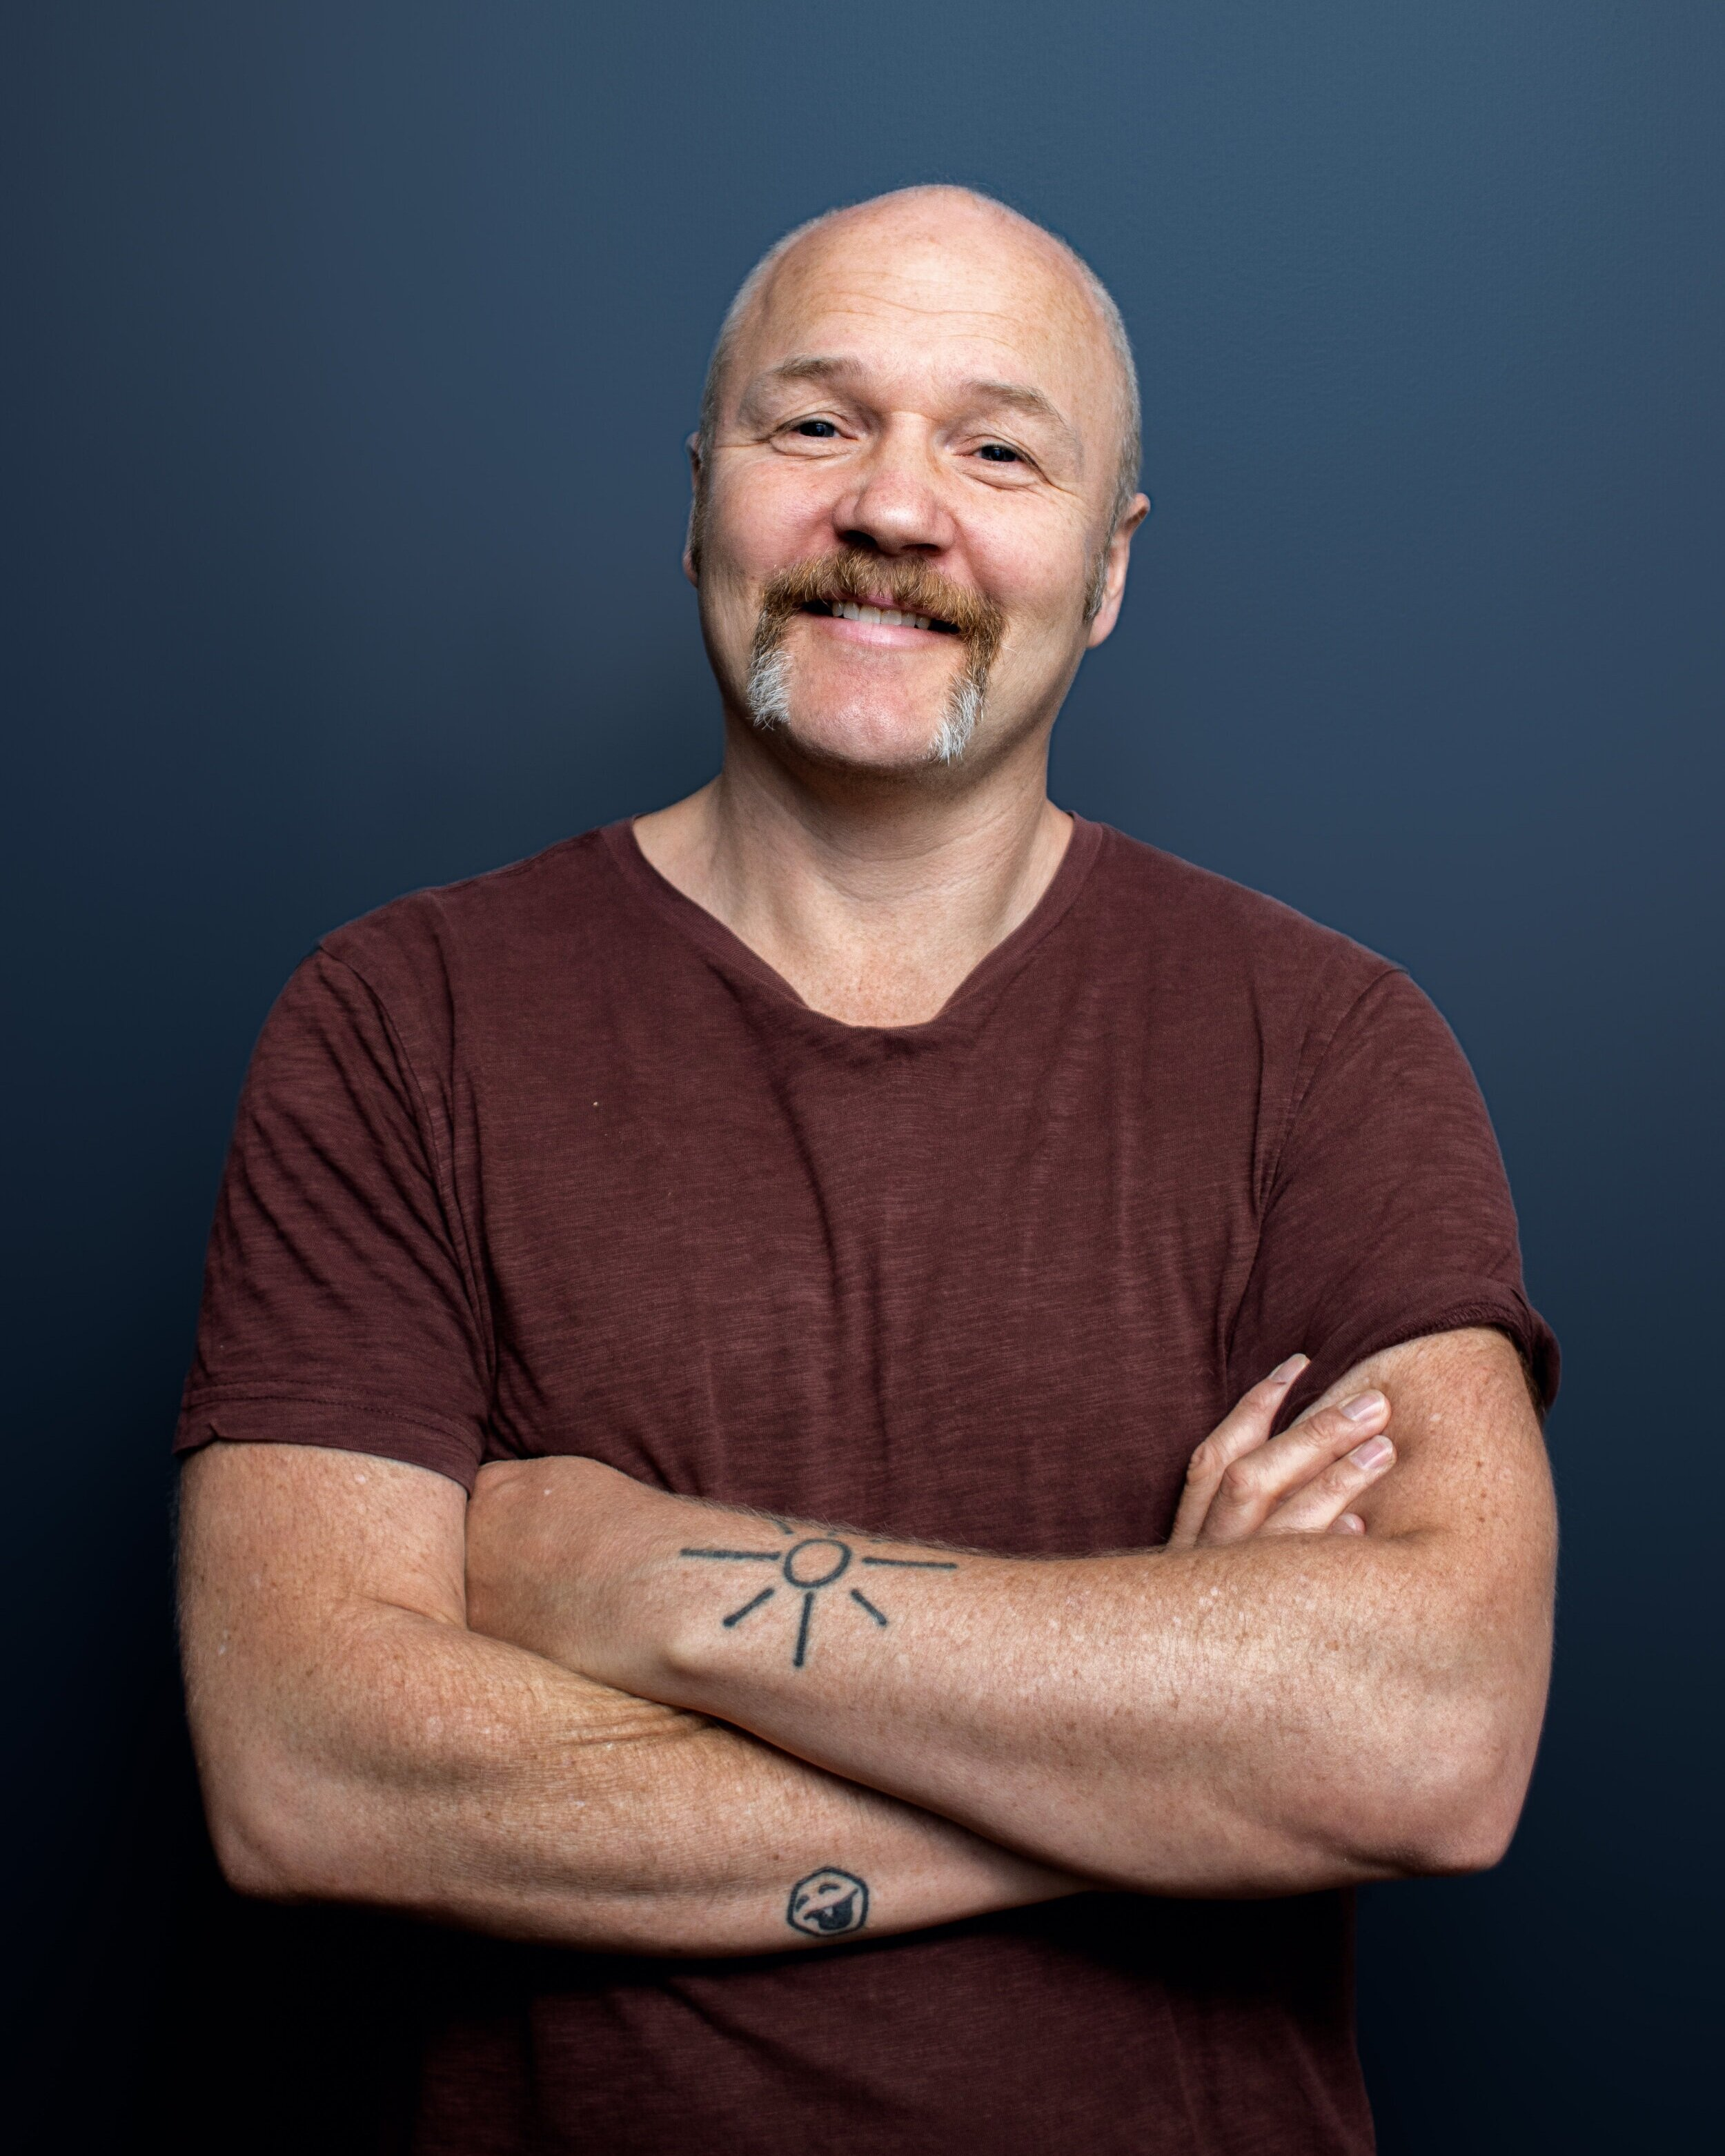 Ulle Bjørn Bengtsson SALIG.JPG